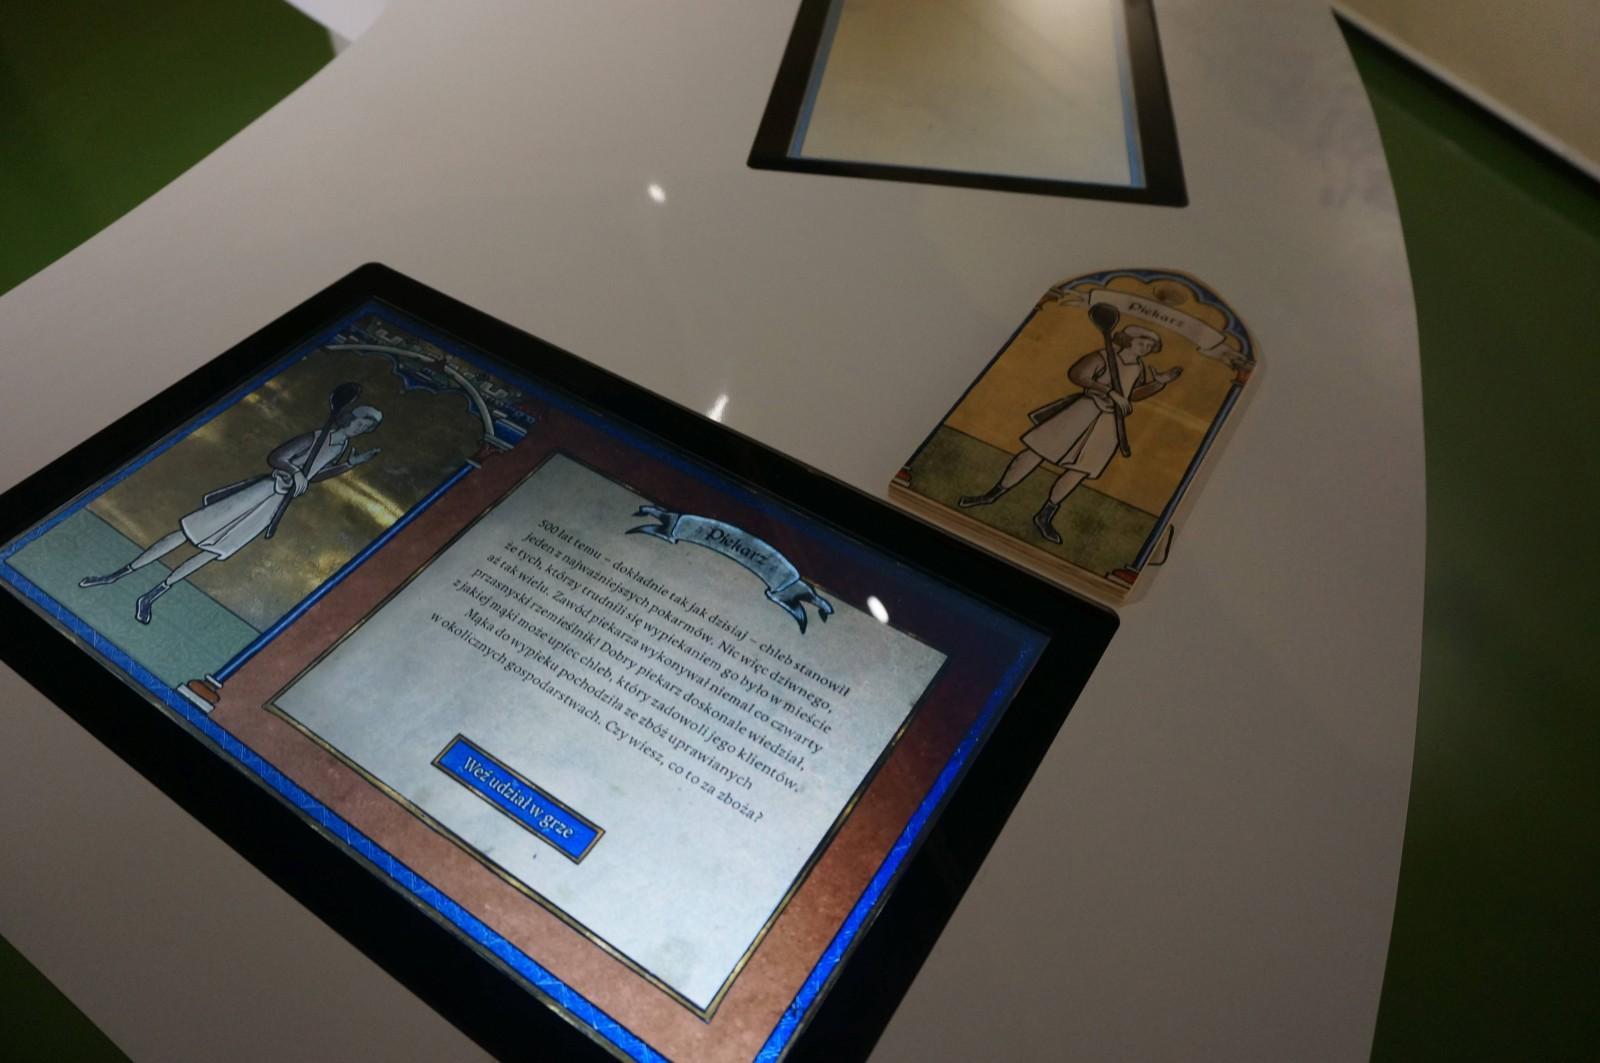 Gry Rzemieślnicy, Muzeum Historyczne wPrzasnyszu, 2015